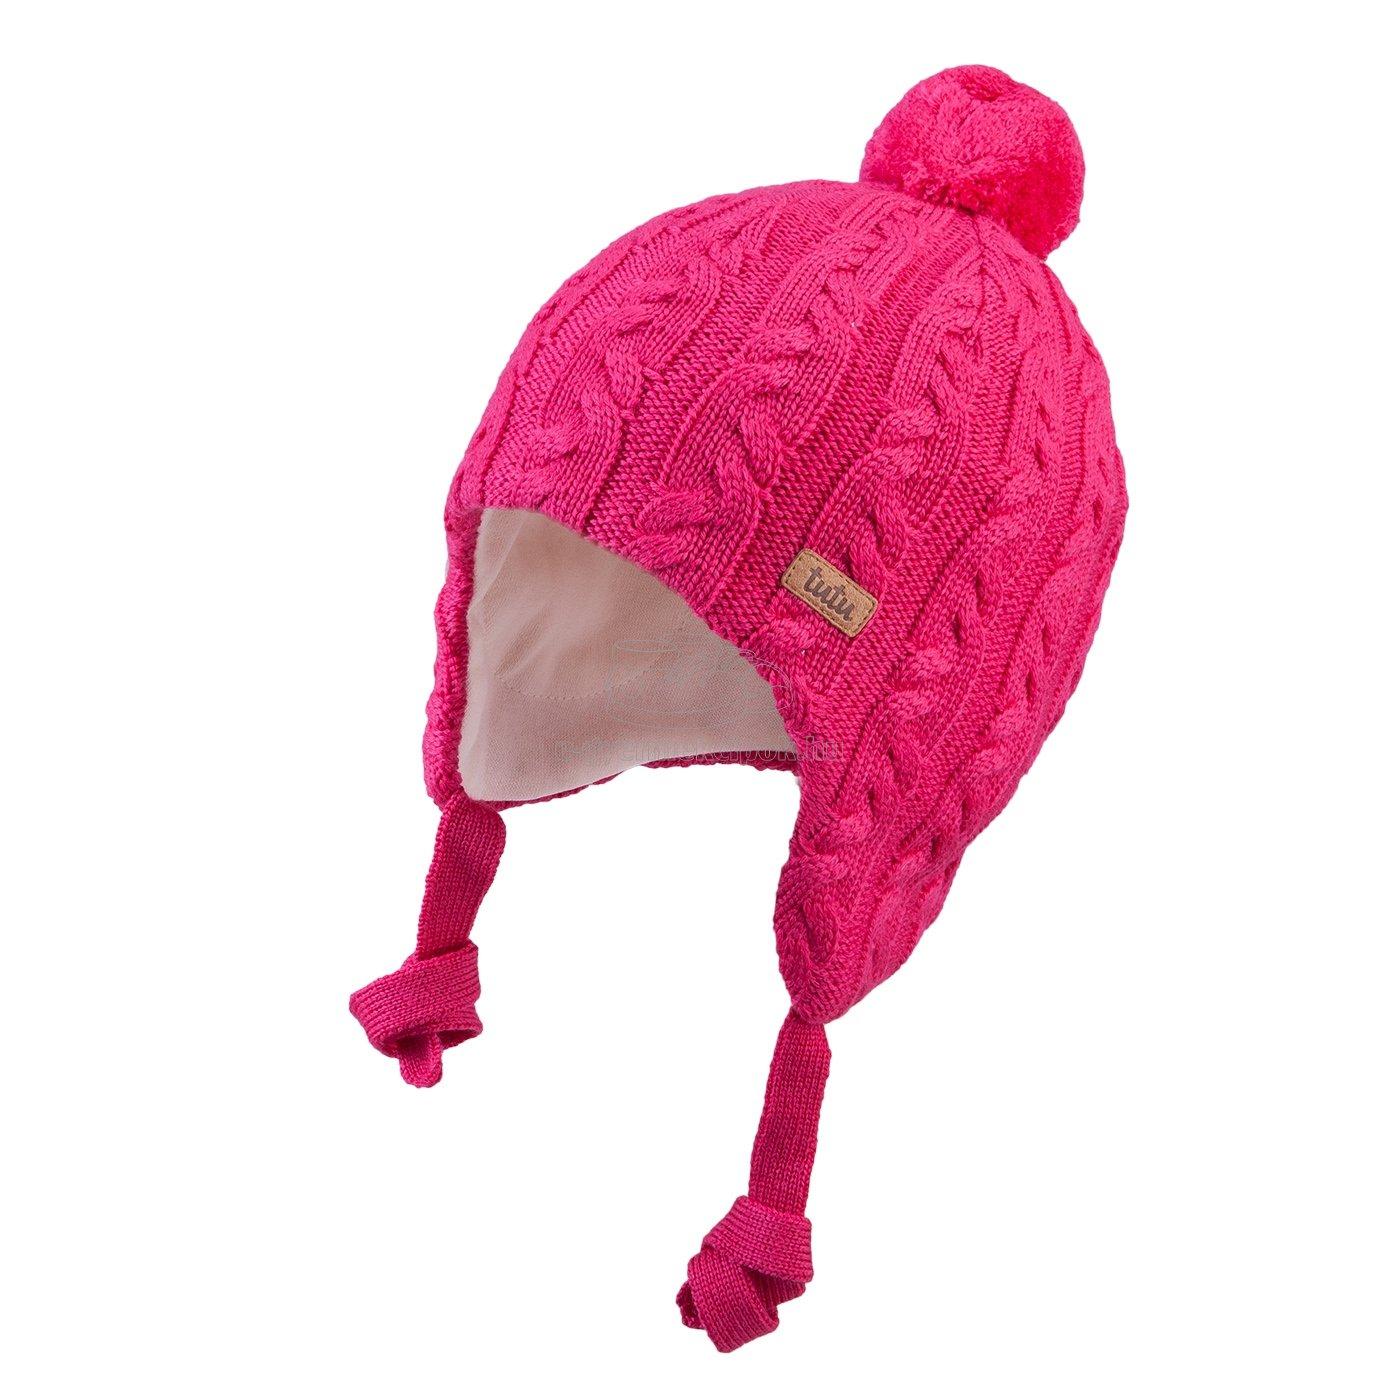 Téli gyerek sapka TUTU 3-005163 s.pink